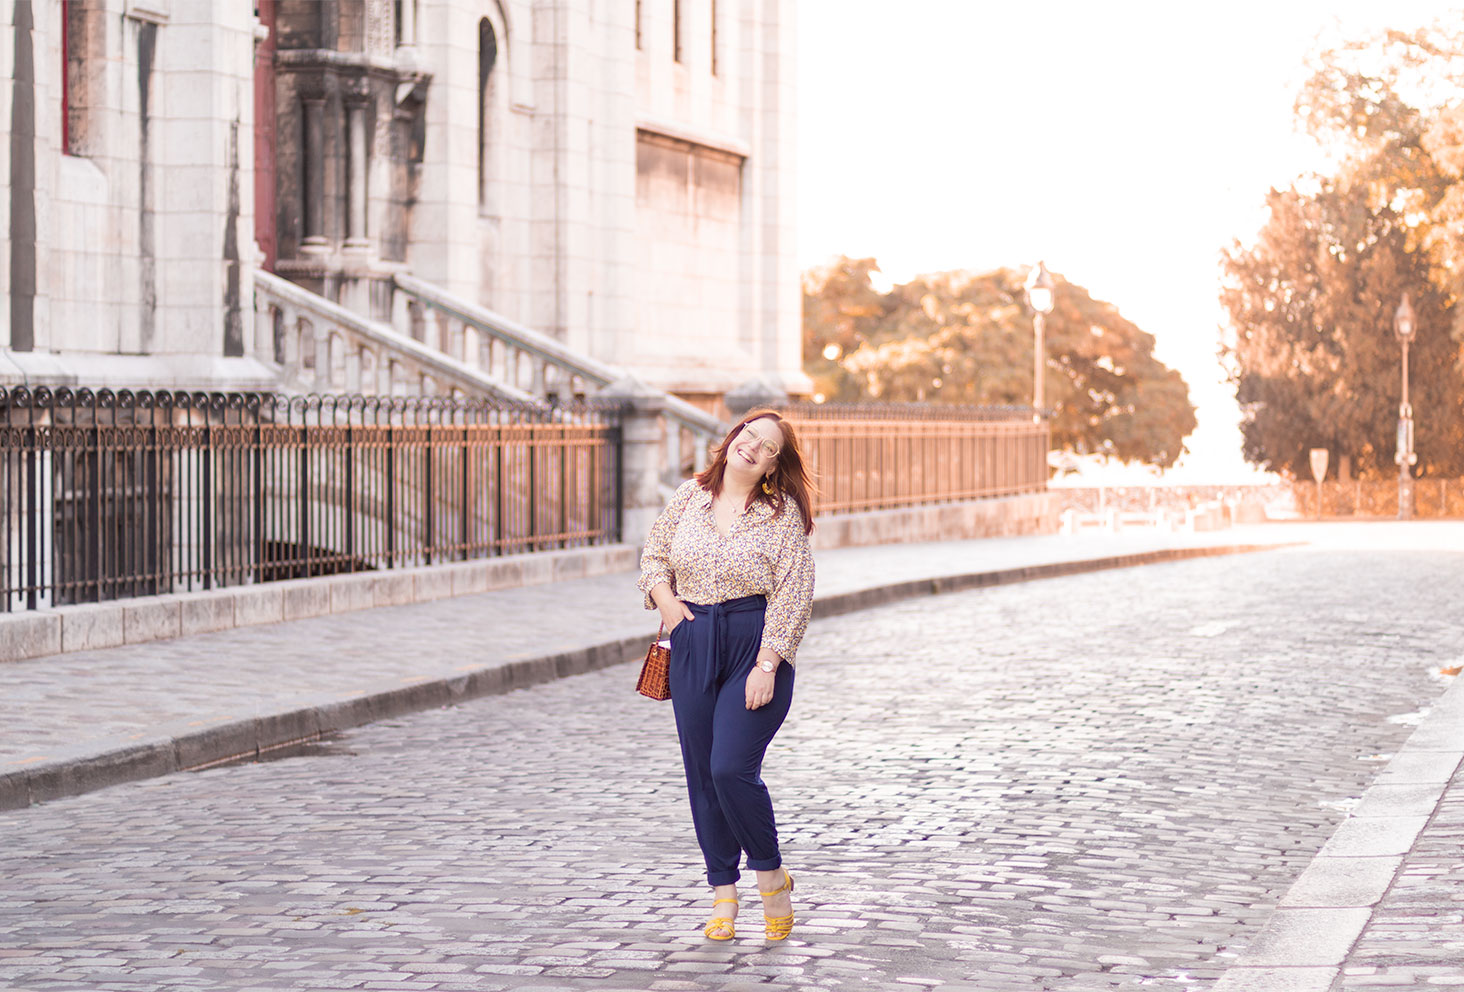 Devant le Sacré Coeur de Montmartre, en pantalon confortable Les Lunes, avec le sourire et une main dans la poche